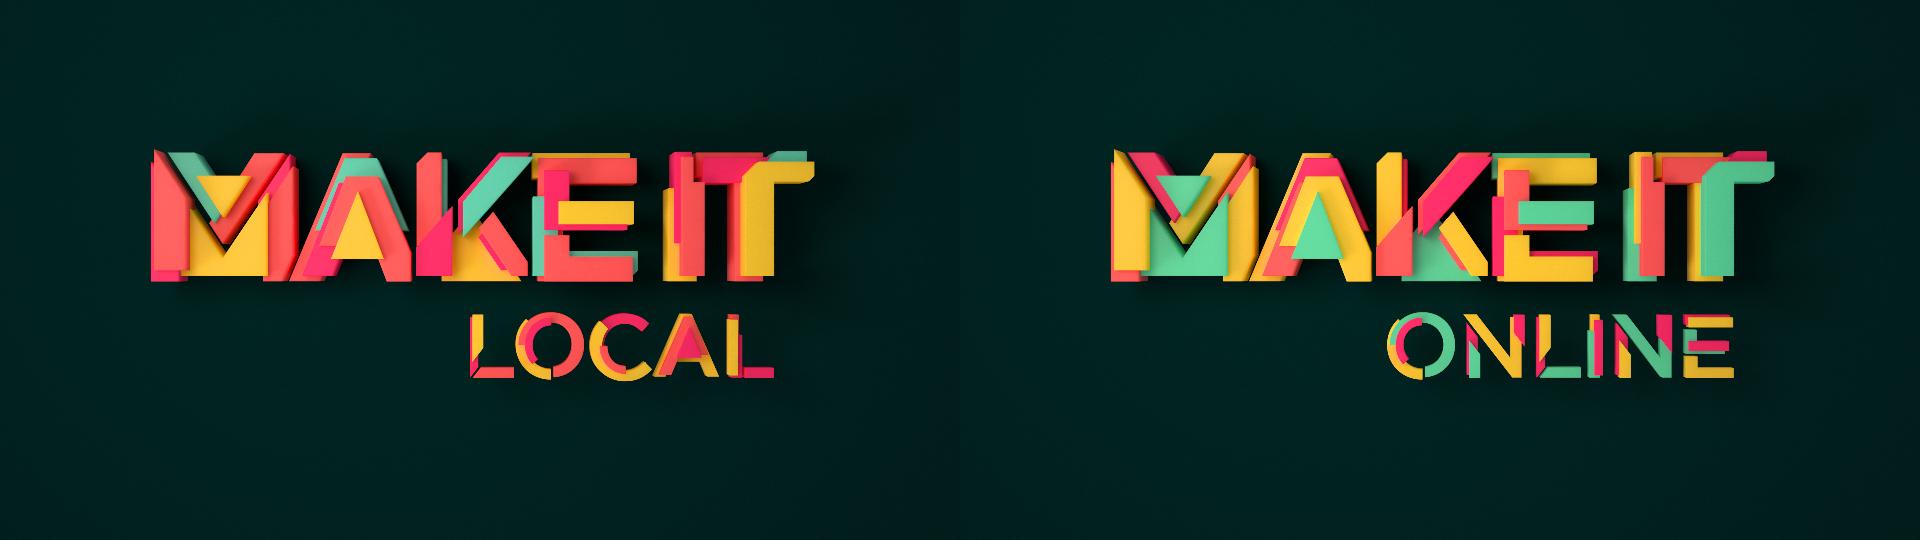 Adobe Make It Logos